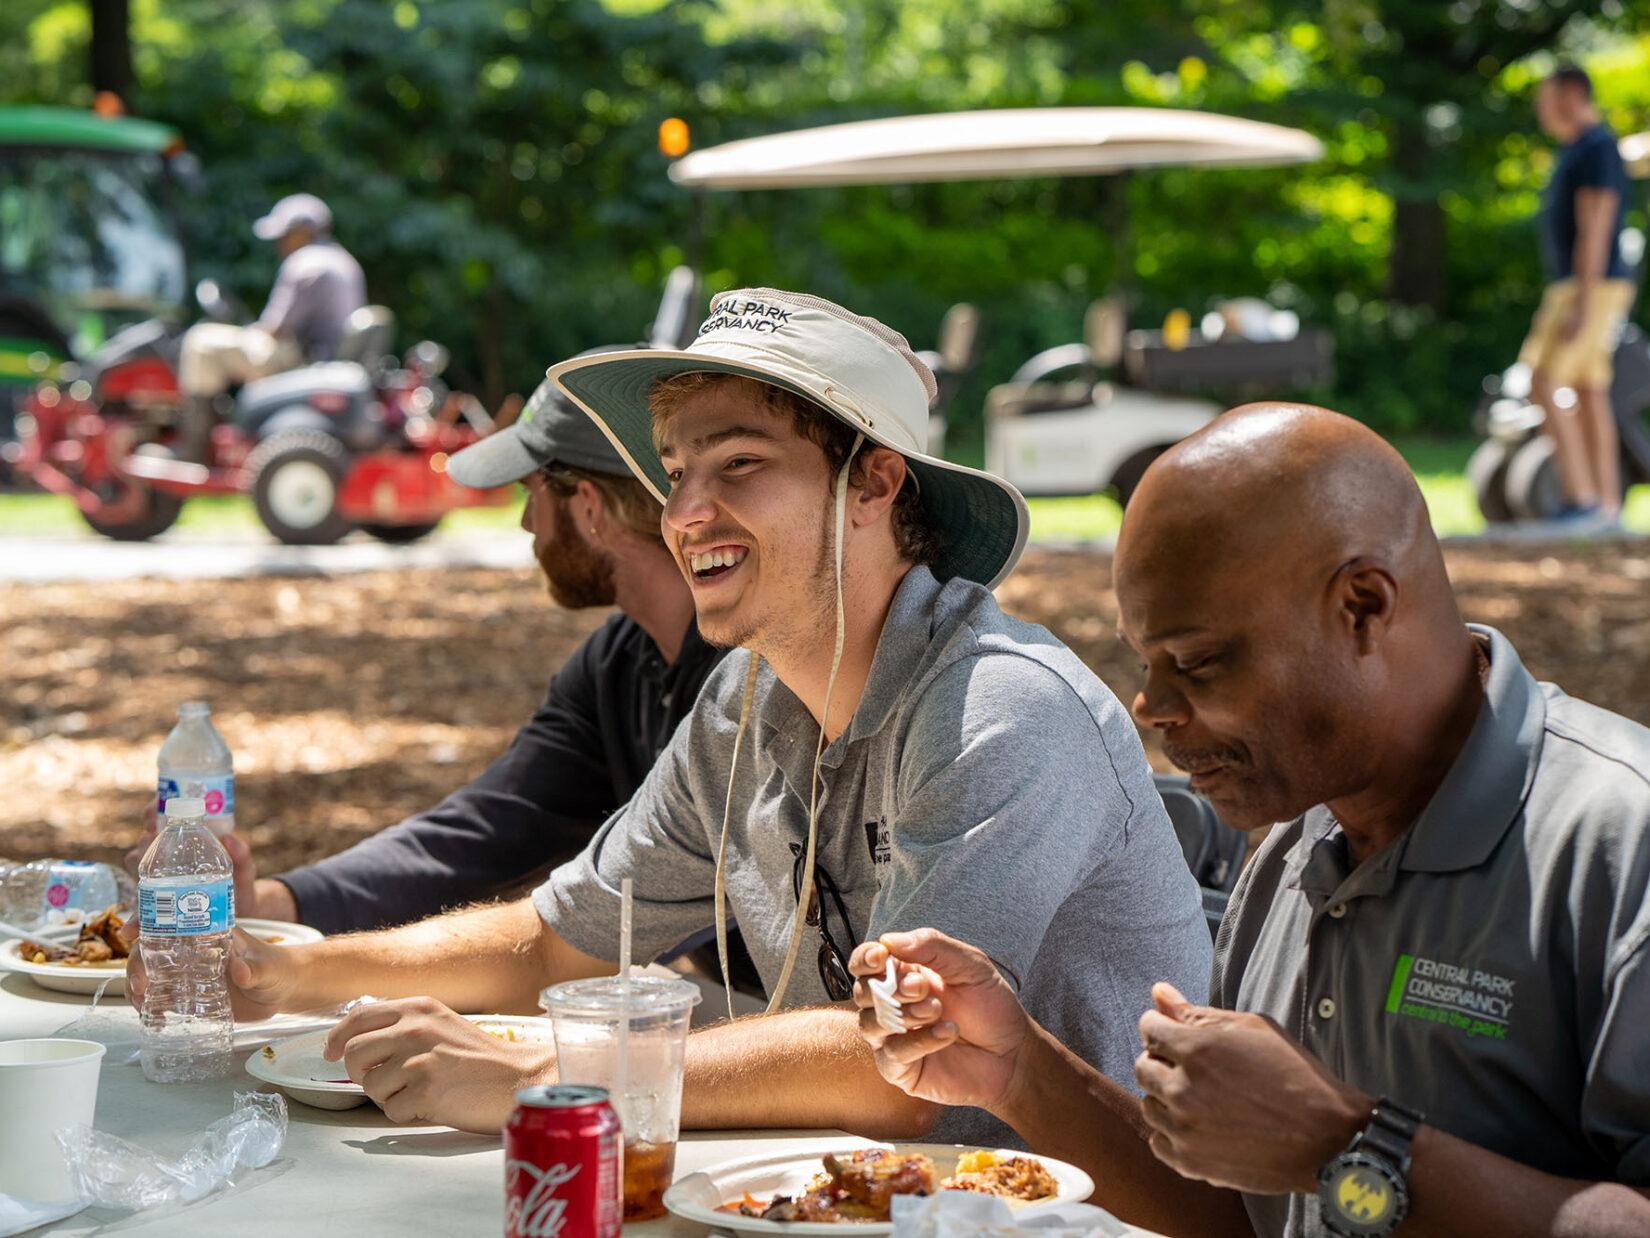 Conservancy interns enjoying an al fresco lunch